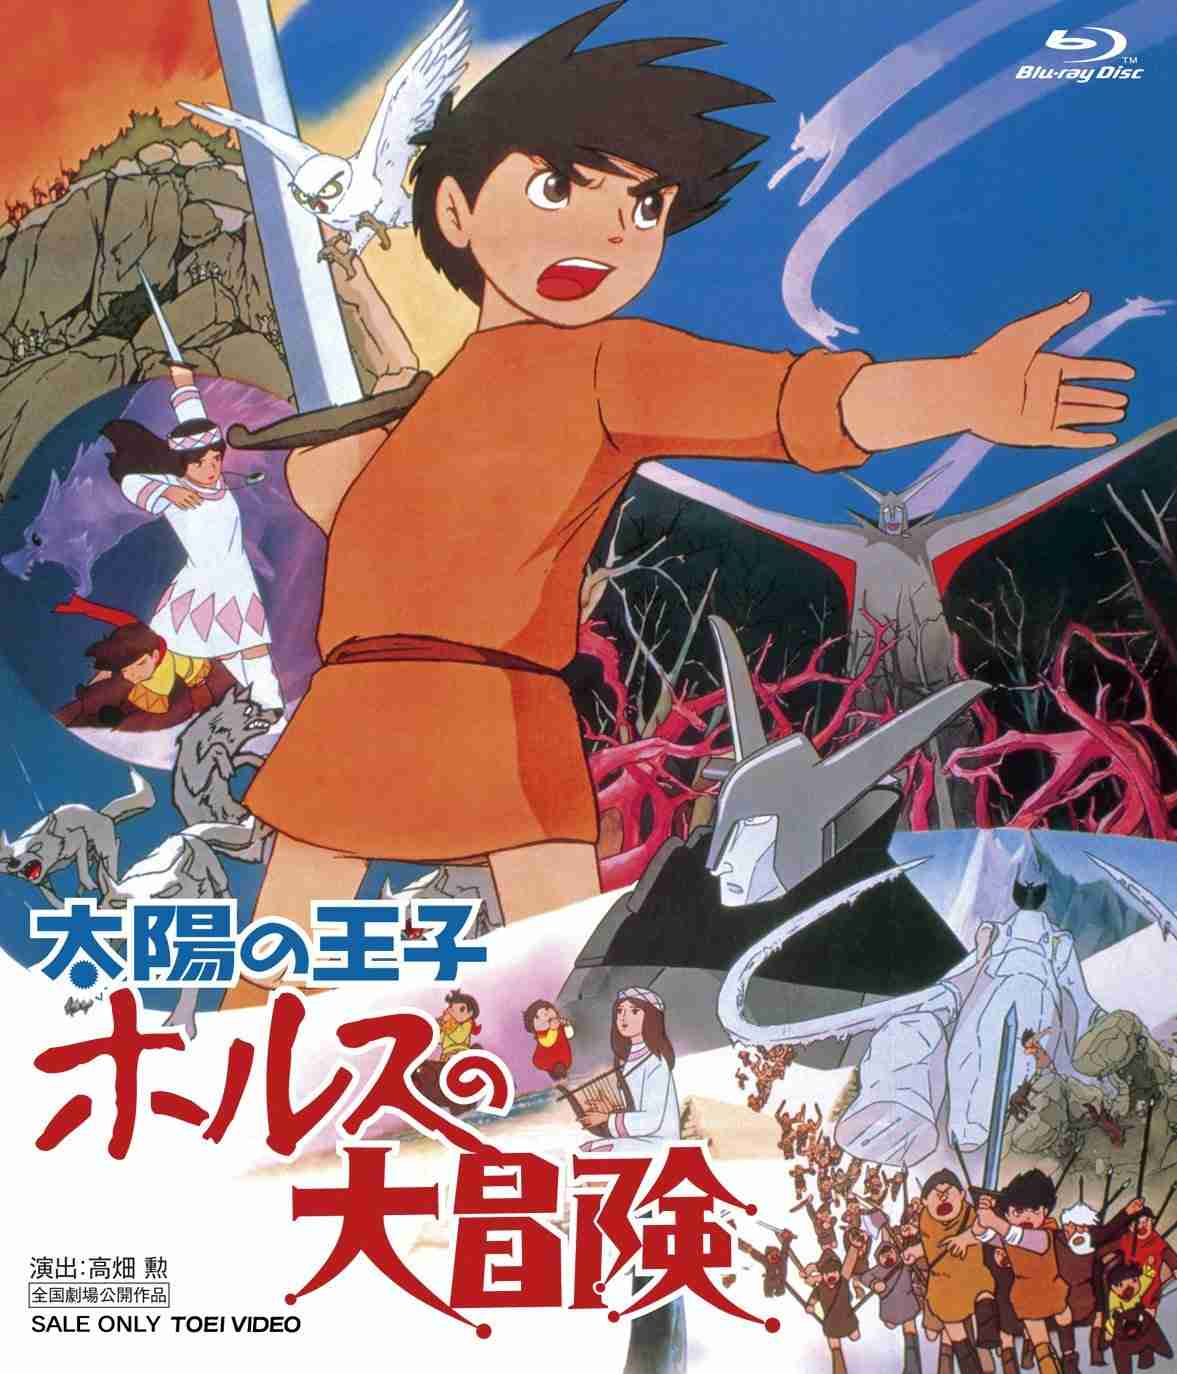 昔のアニメ映画のおススメを教えてください